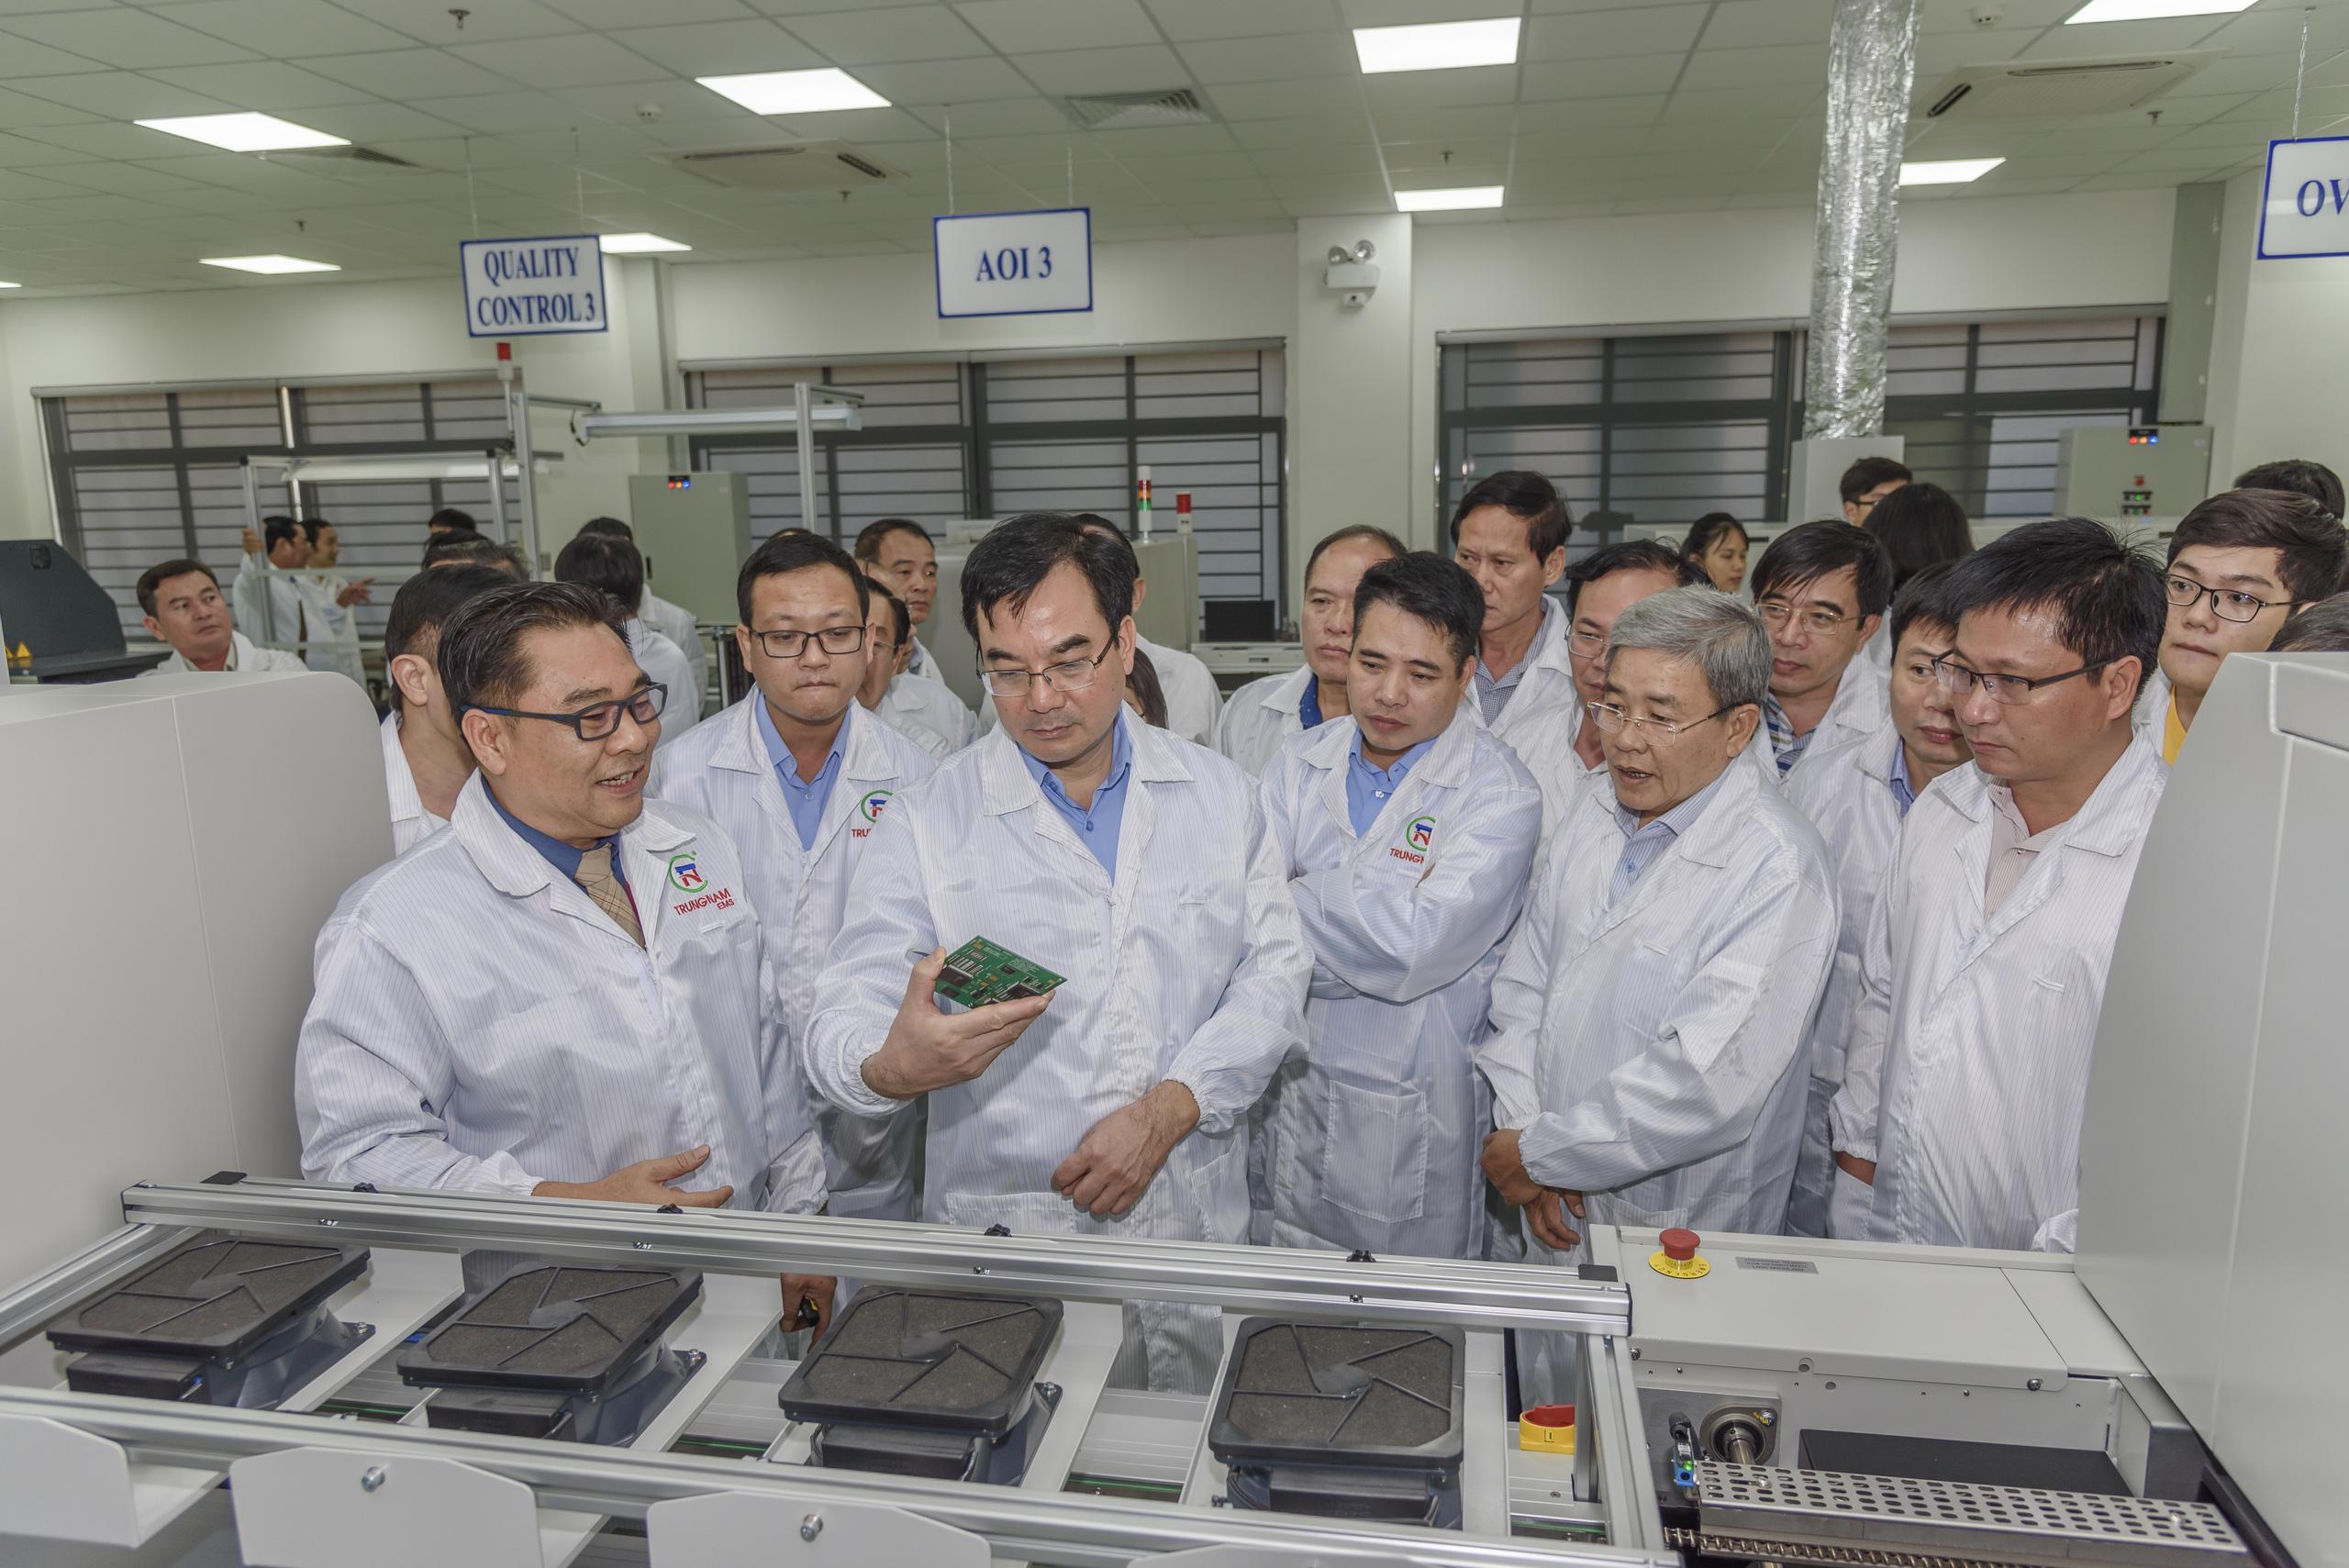 Hơn 40 tỉnh, thành phố đến Đà Nẵng học hỏi kinh nghiệm phát triển khu công nghệ cao - Ảnh 1.